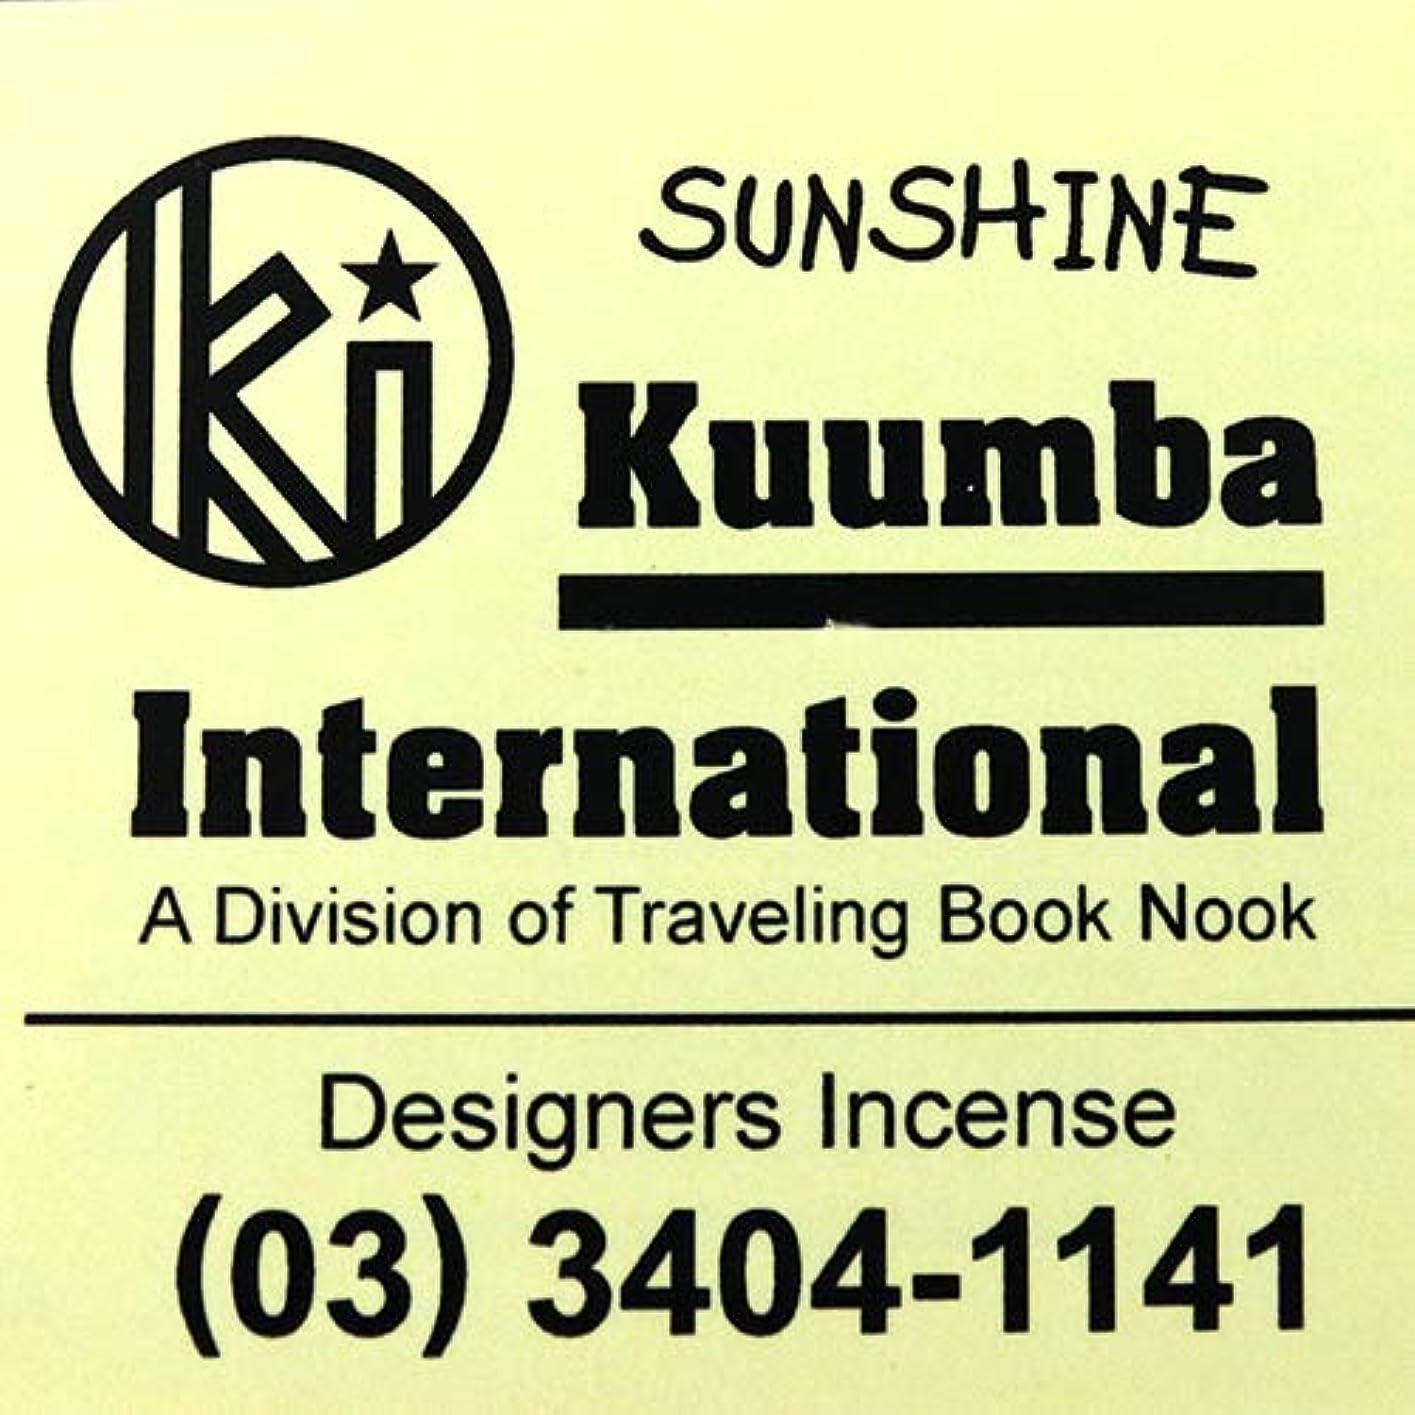 分数かご屋内(クンバ) KUUMBA『incense』(SUNSHINE) (SUNSHINE, Regular size)